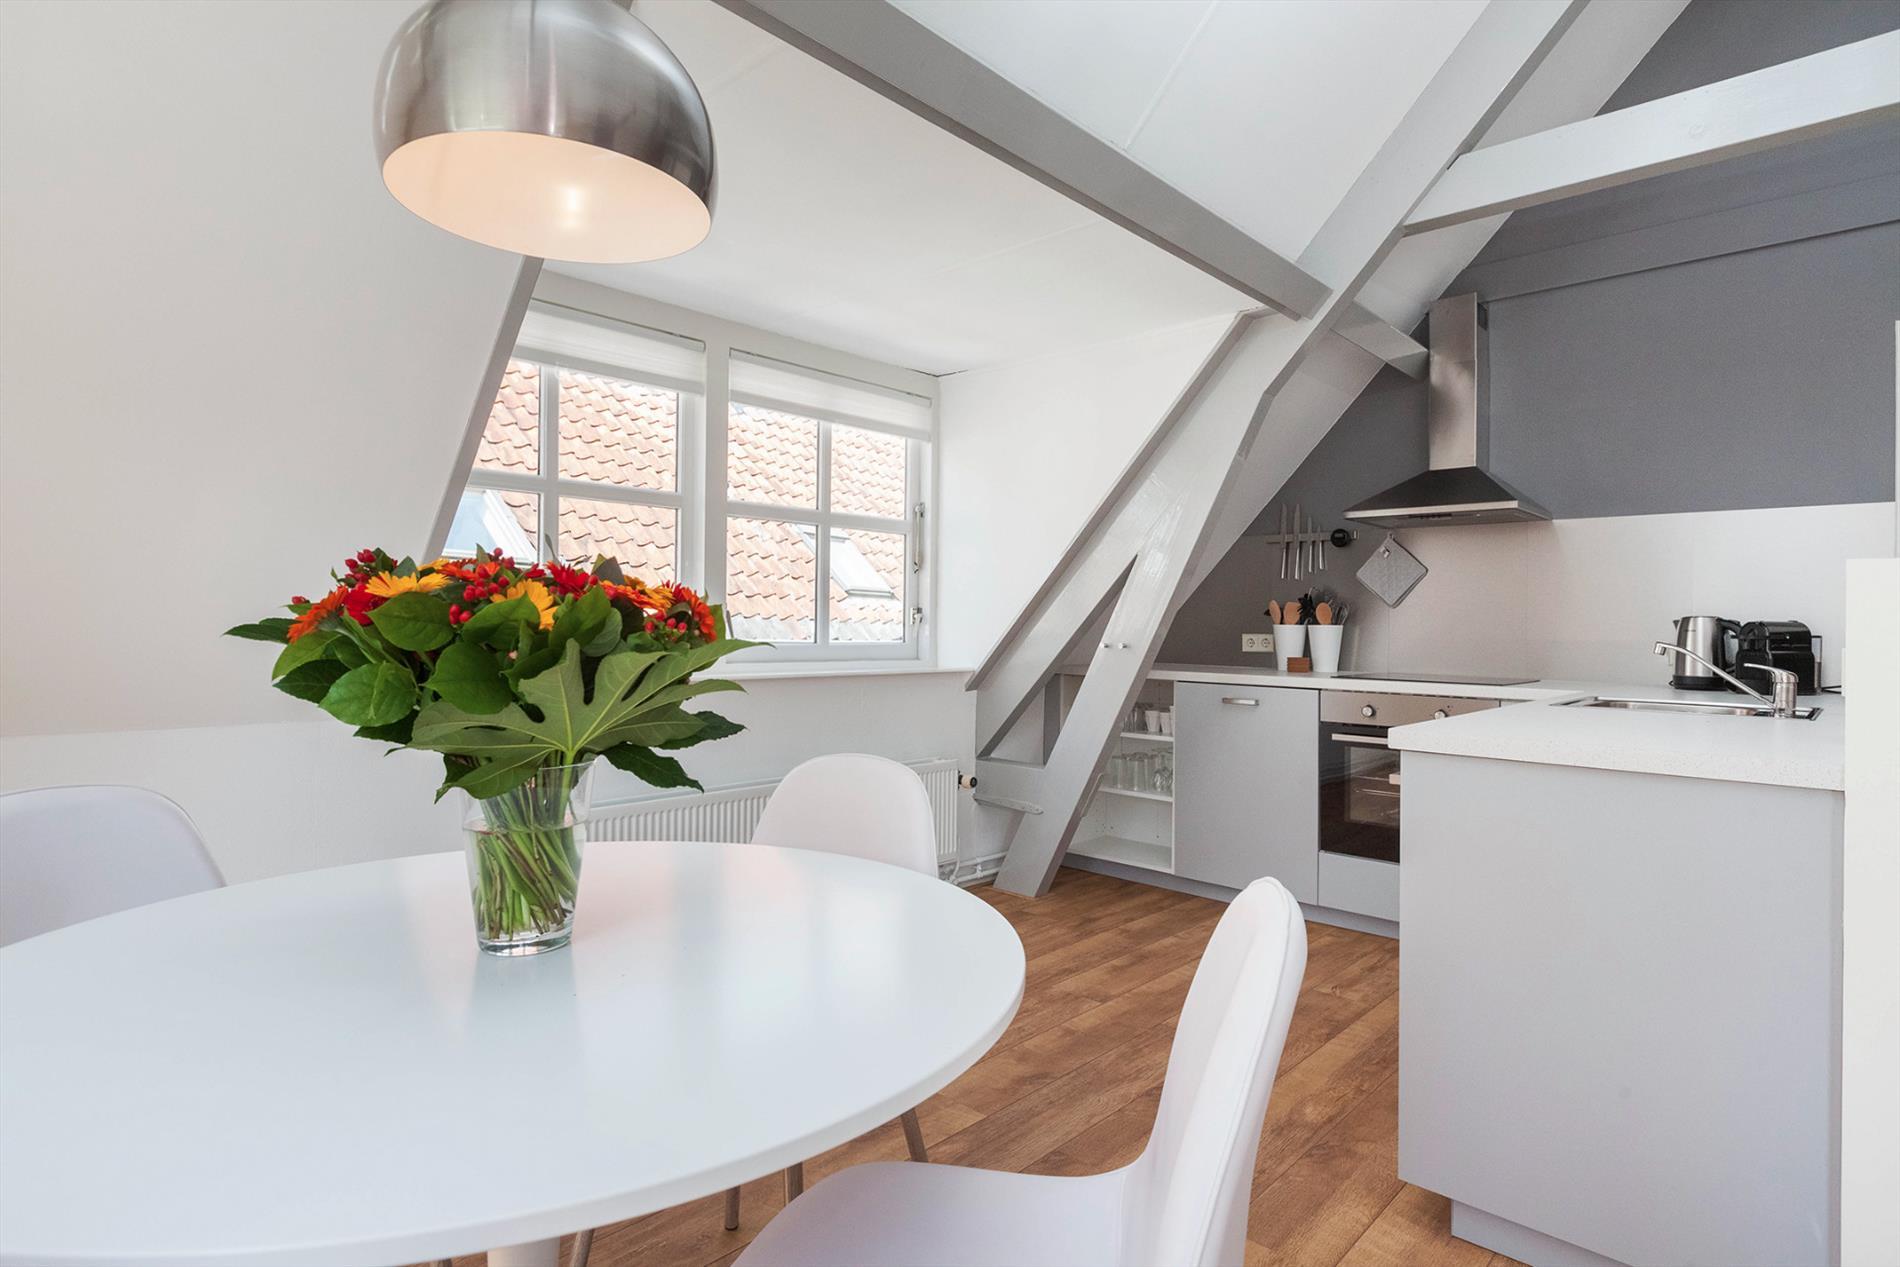 Brugstraat 4, 2969 AB Oud-Alblas - 04659875_6.jpg